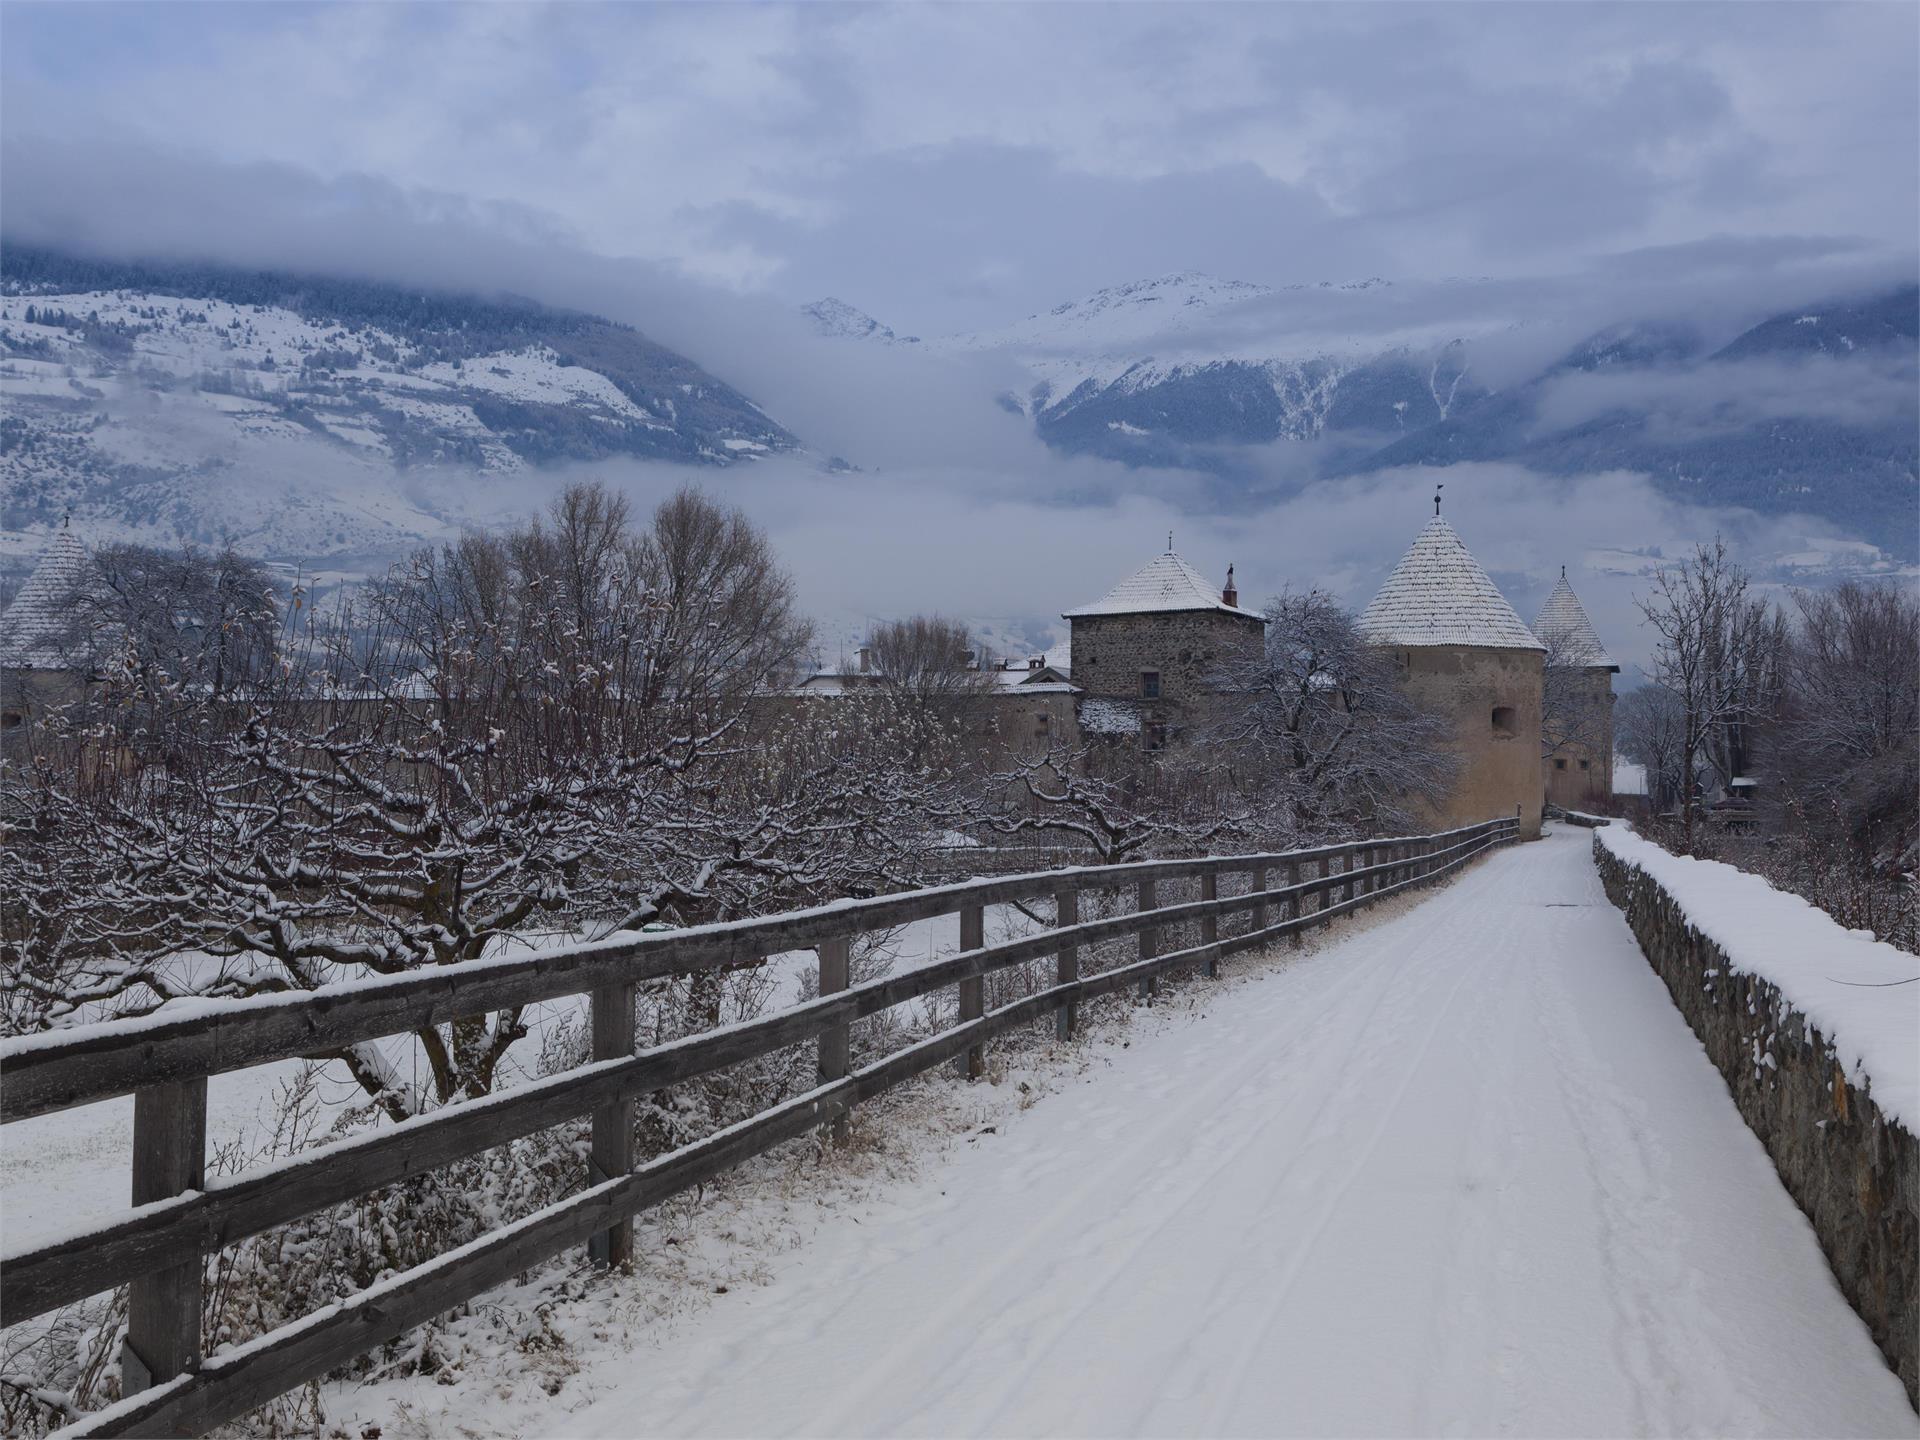 Visita guidata in inverno attraverso la cittadina medioevale